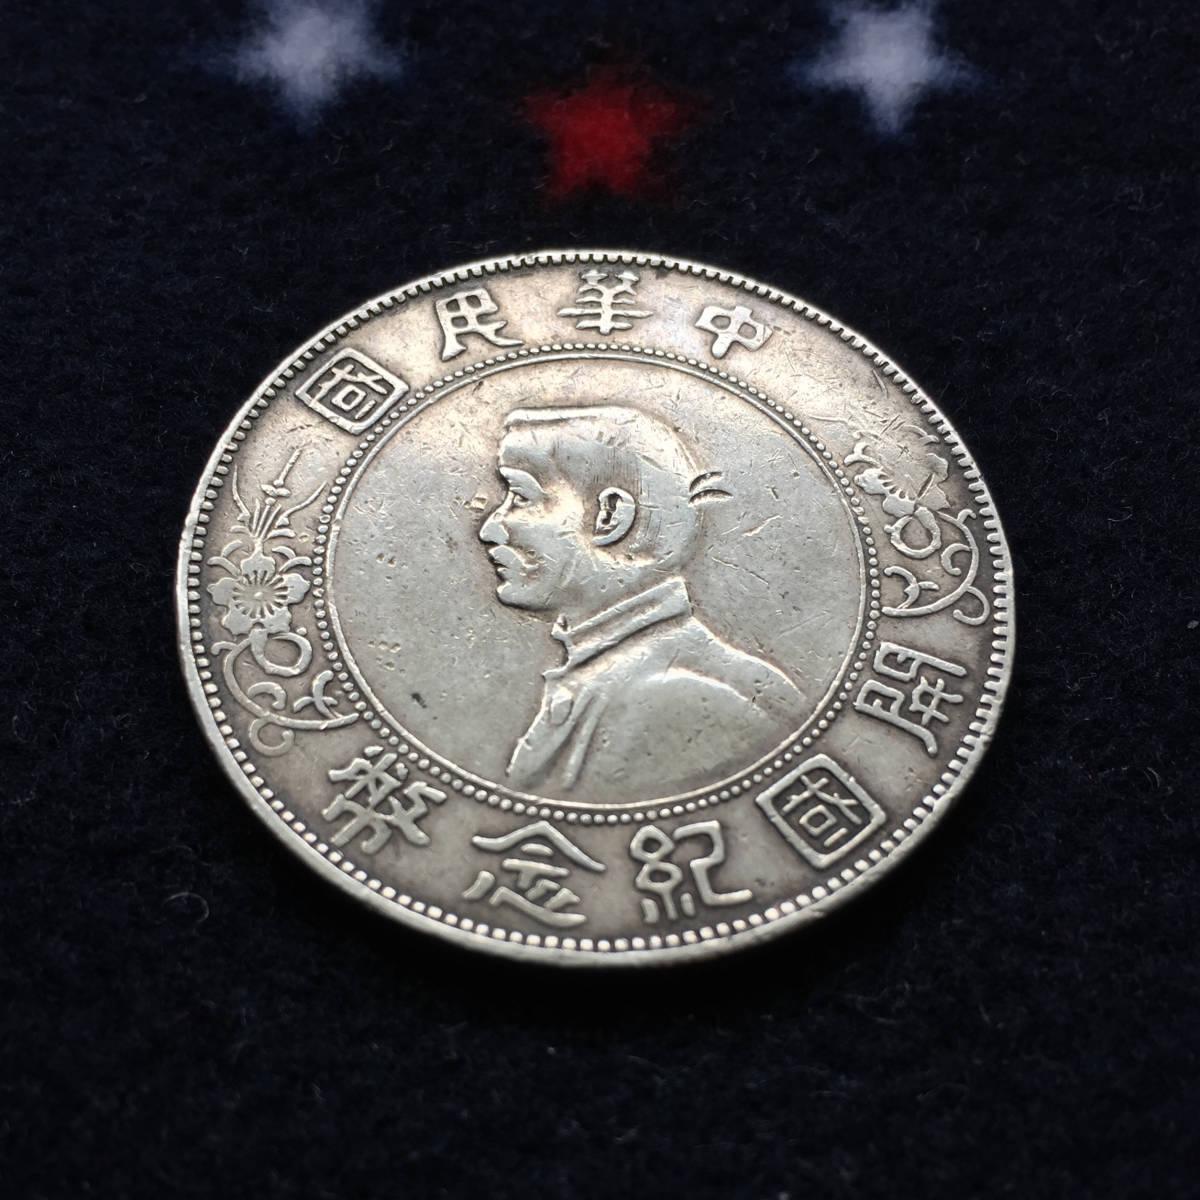 中国 中華民国 孫文 開国記念幣 1円 壹圓 ONE DOLLAR 銀貨 硬貨 古銭 コイン_画像1